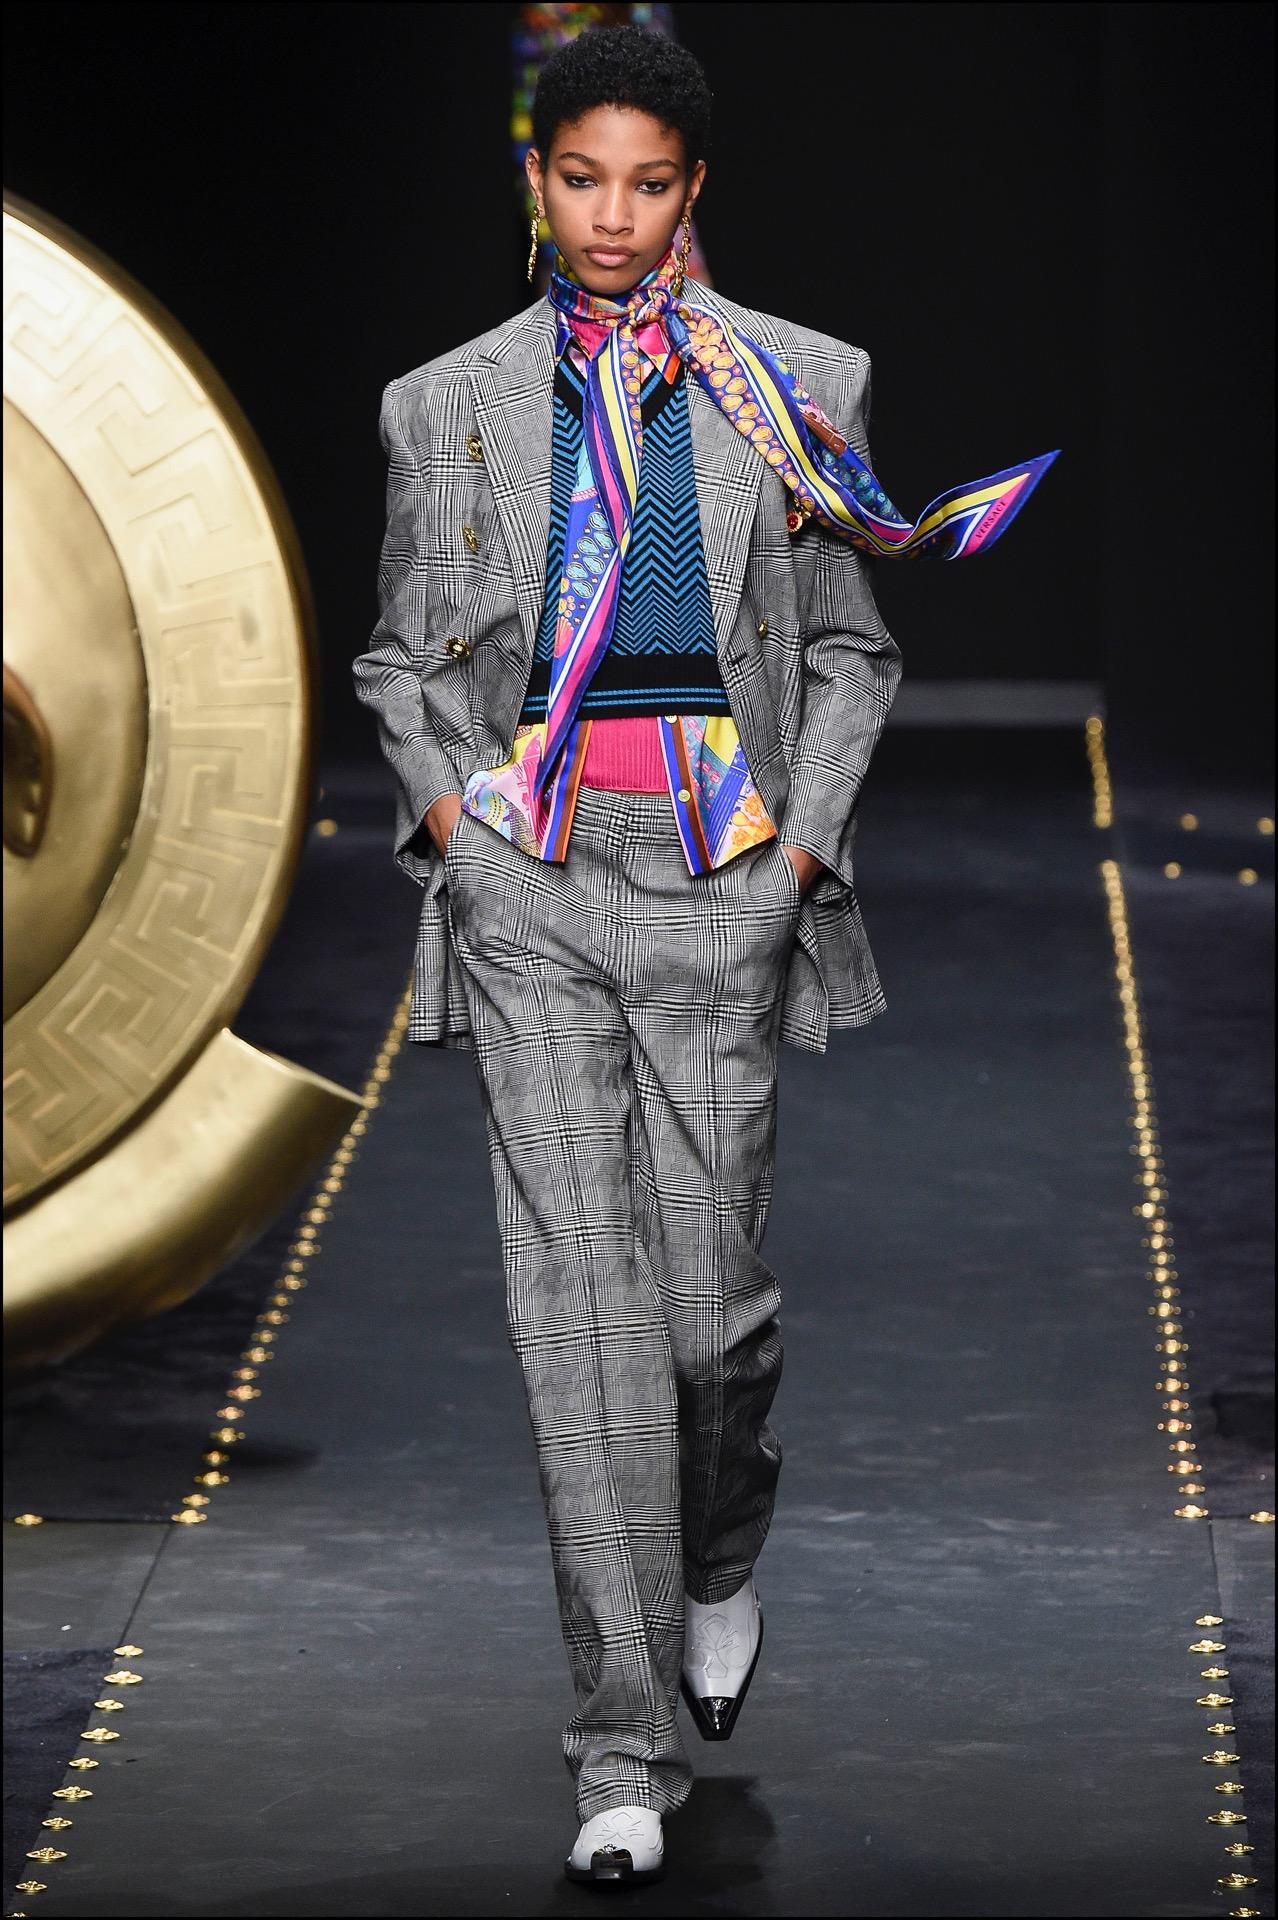 Trajes sastre combinados con camisas coloridas y pañuelos.